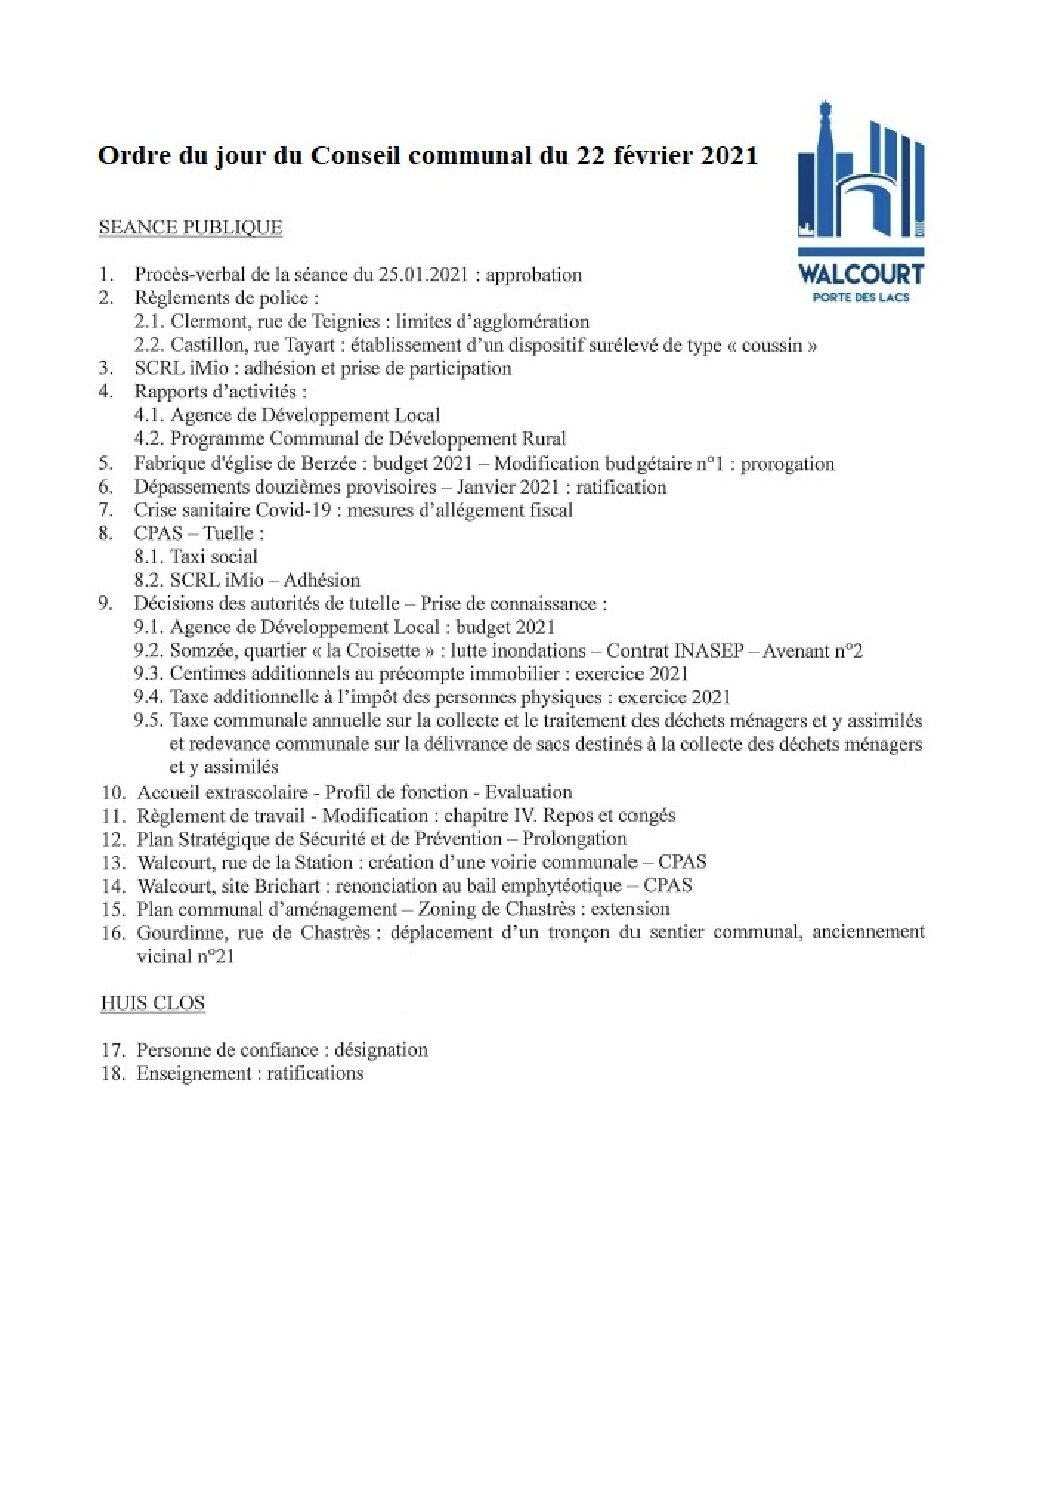 Ordre du jour – Conseil communal du 22 février 2021